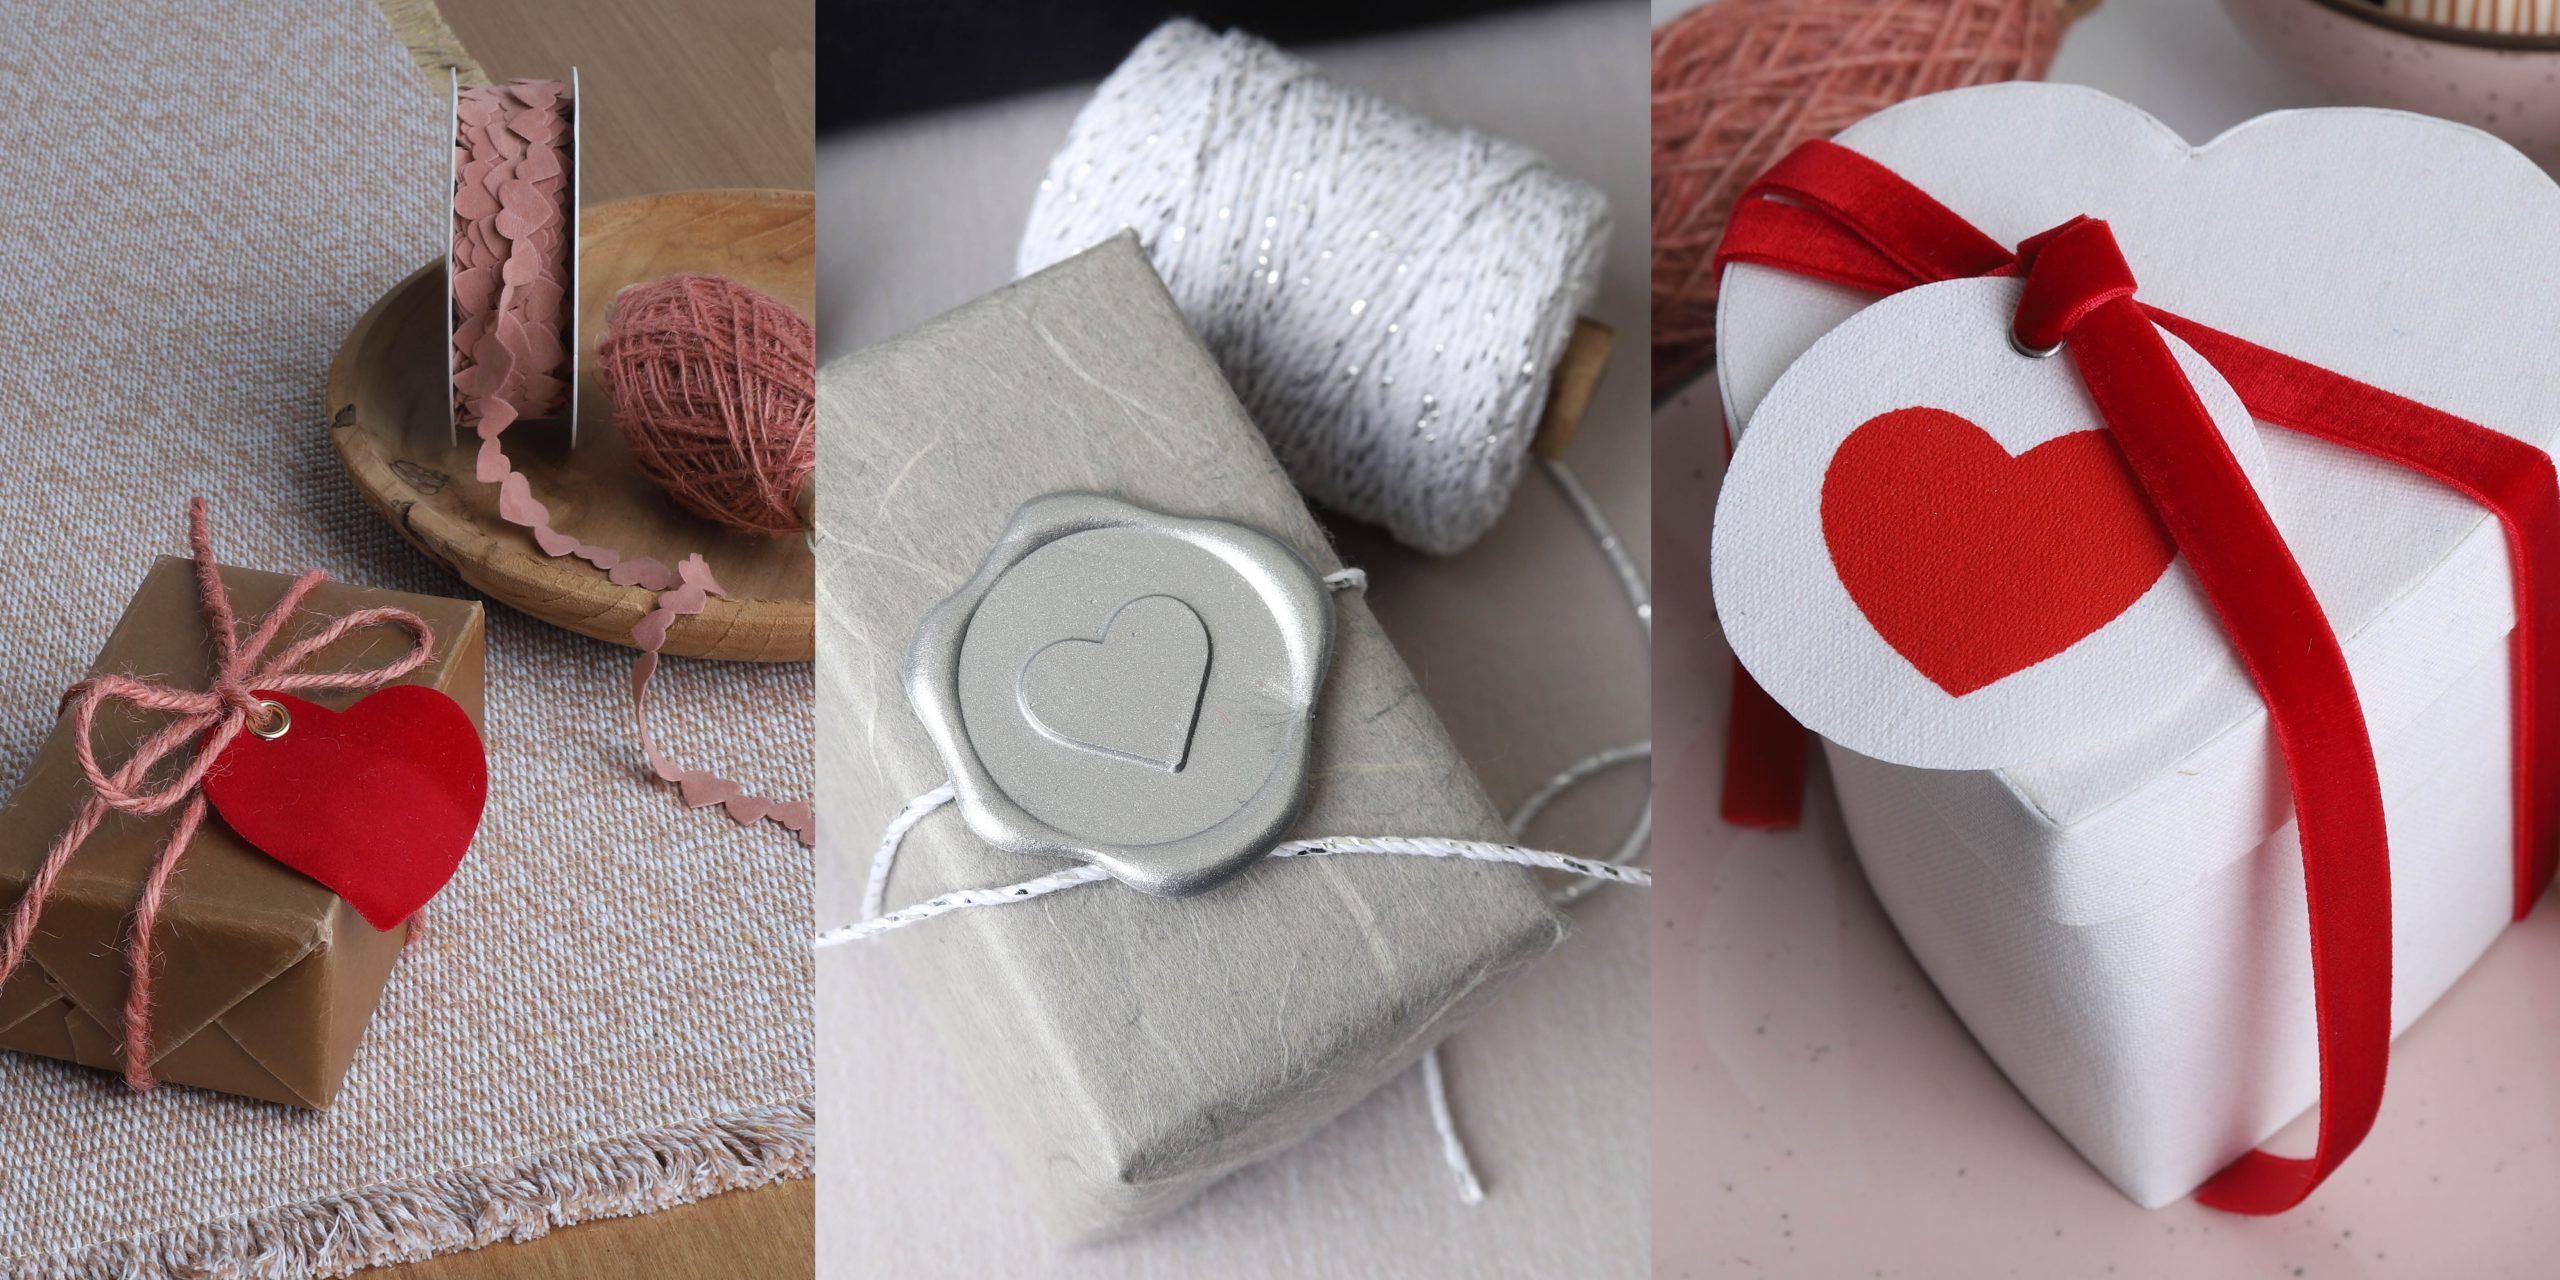 Valentijnsverpakkingen - Originele ideeën om te verpakken